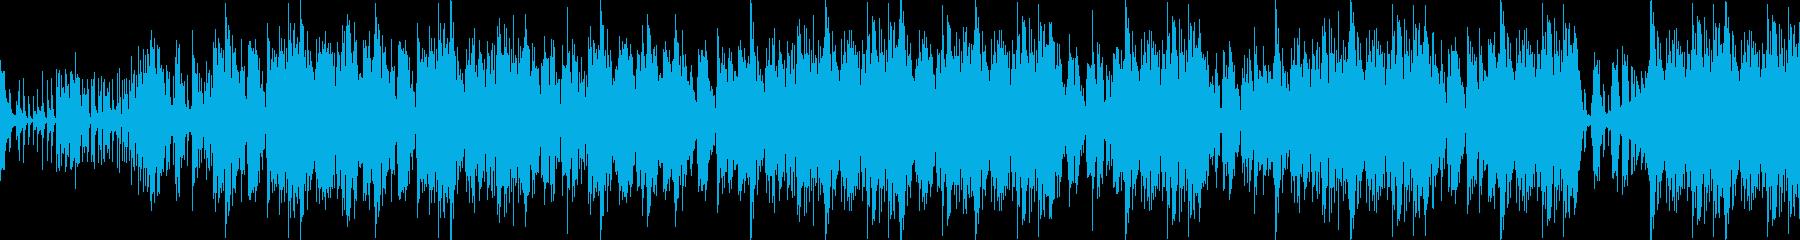 切迫した壮大なパーカスアンサンブルの再生済みの波形